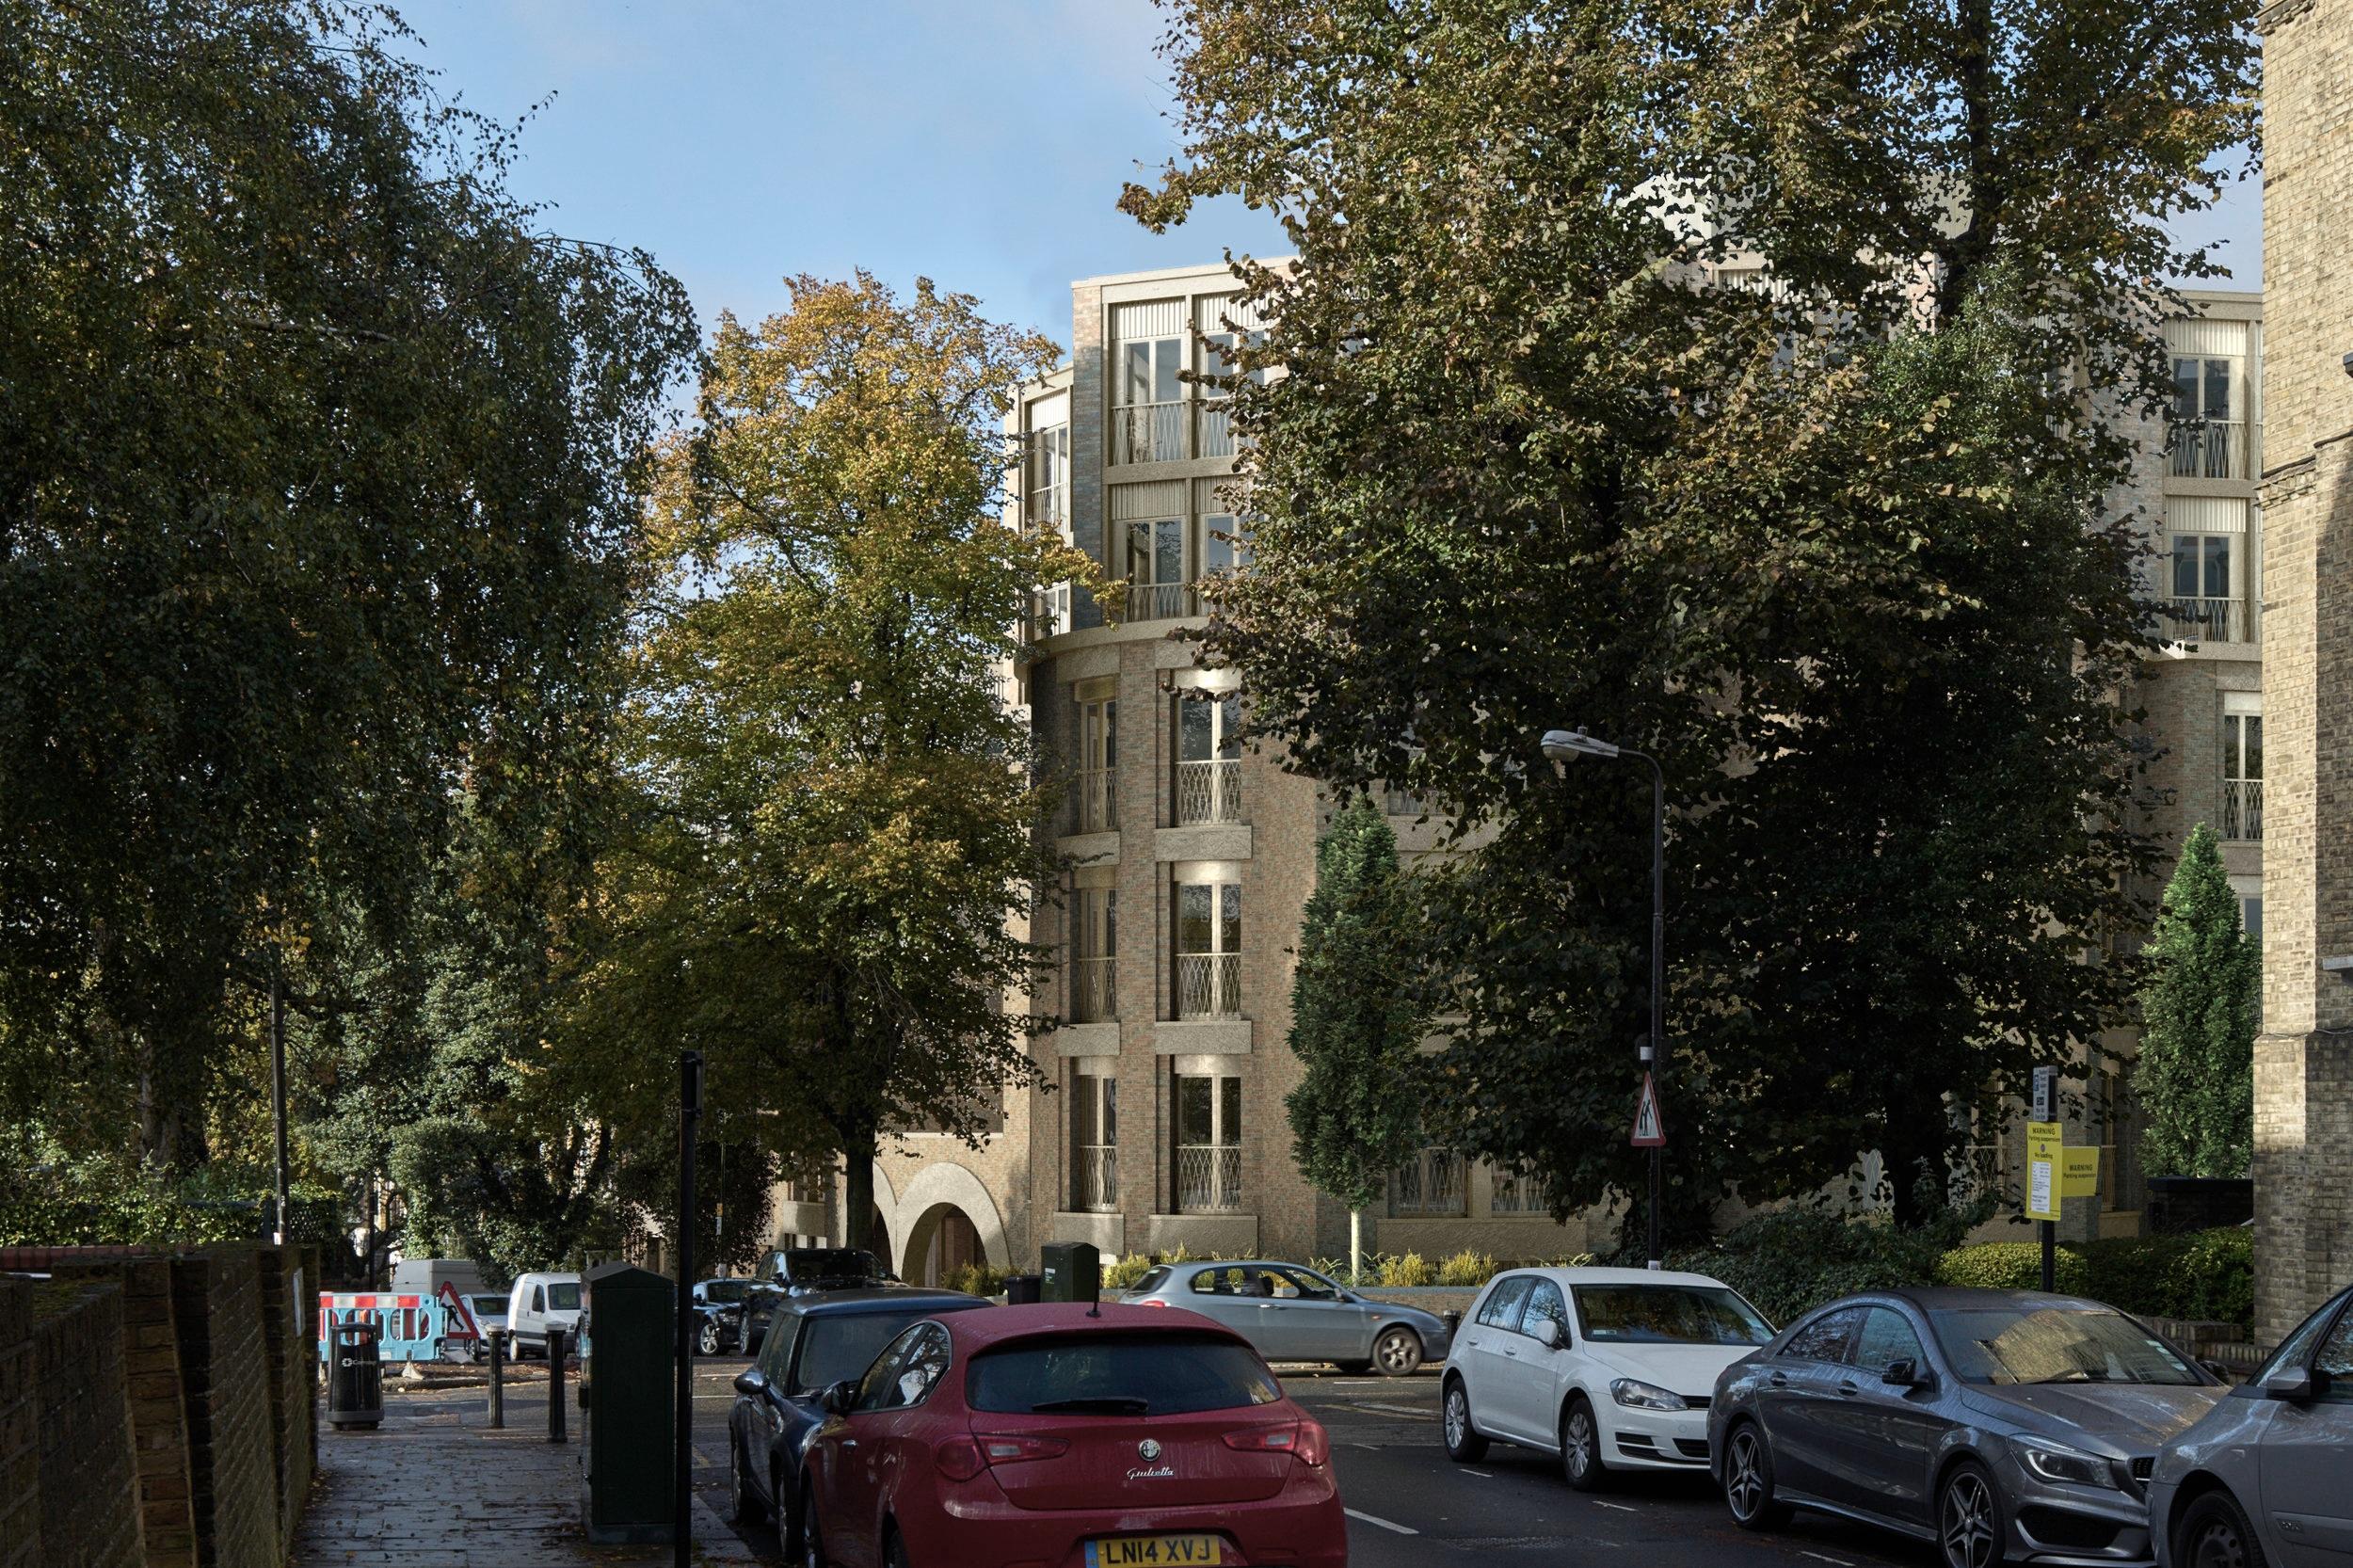 Arthur west house Hampstead -